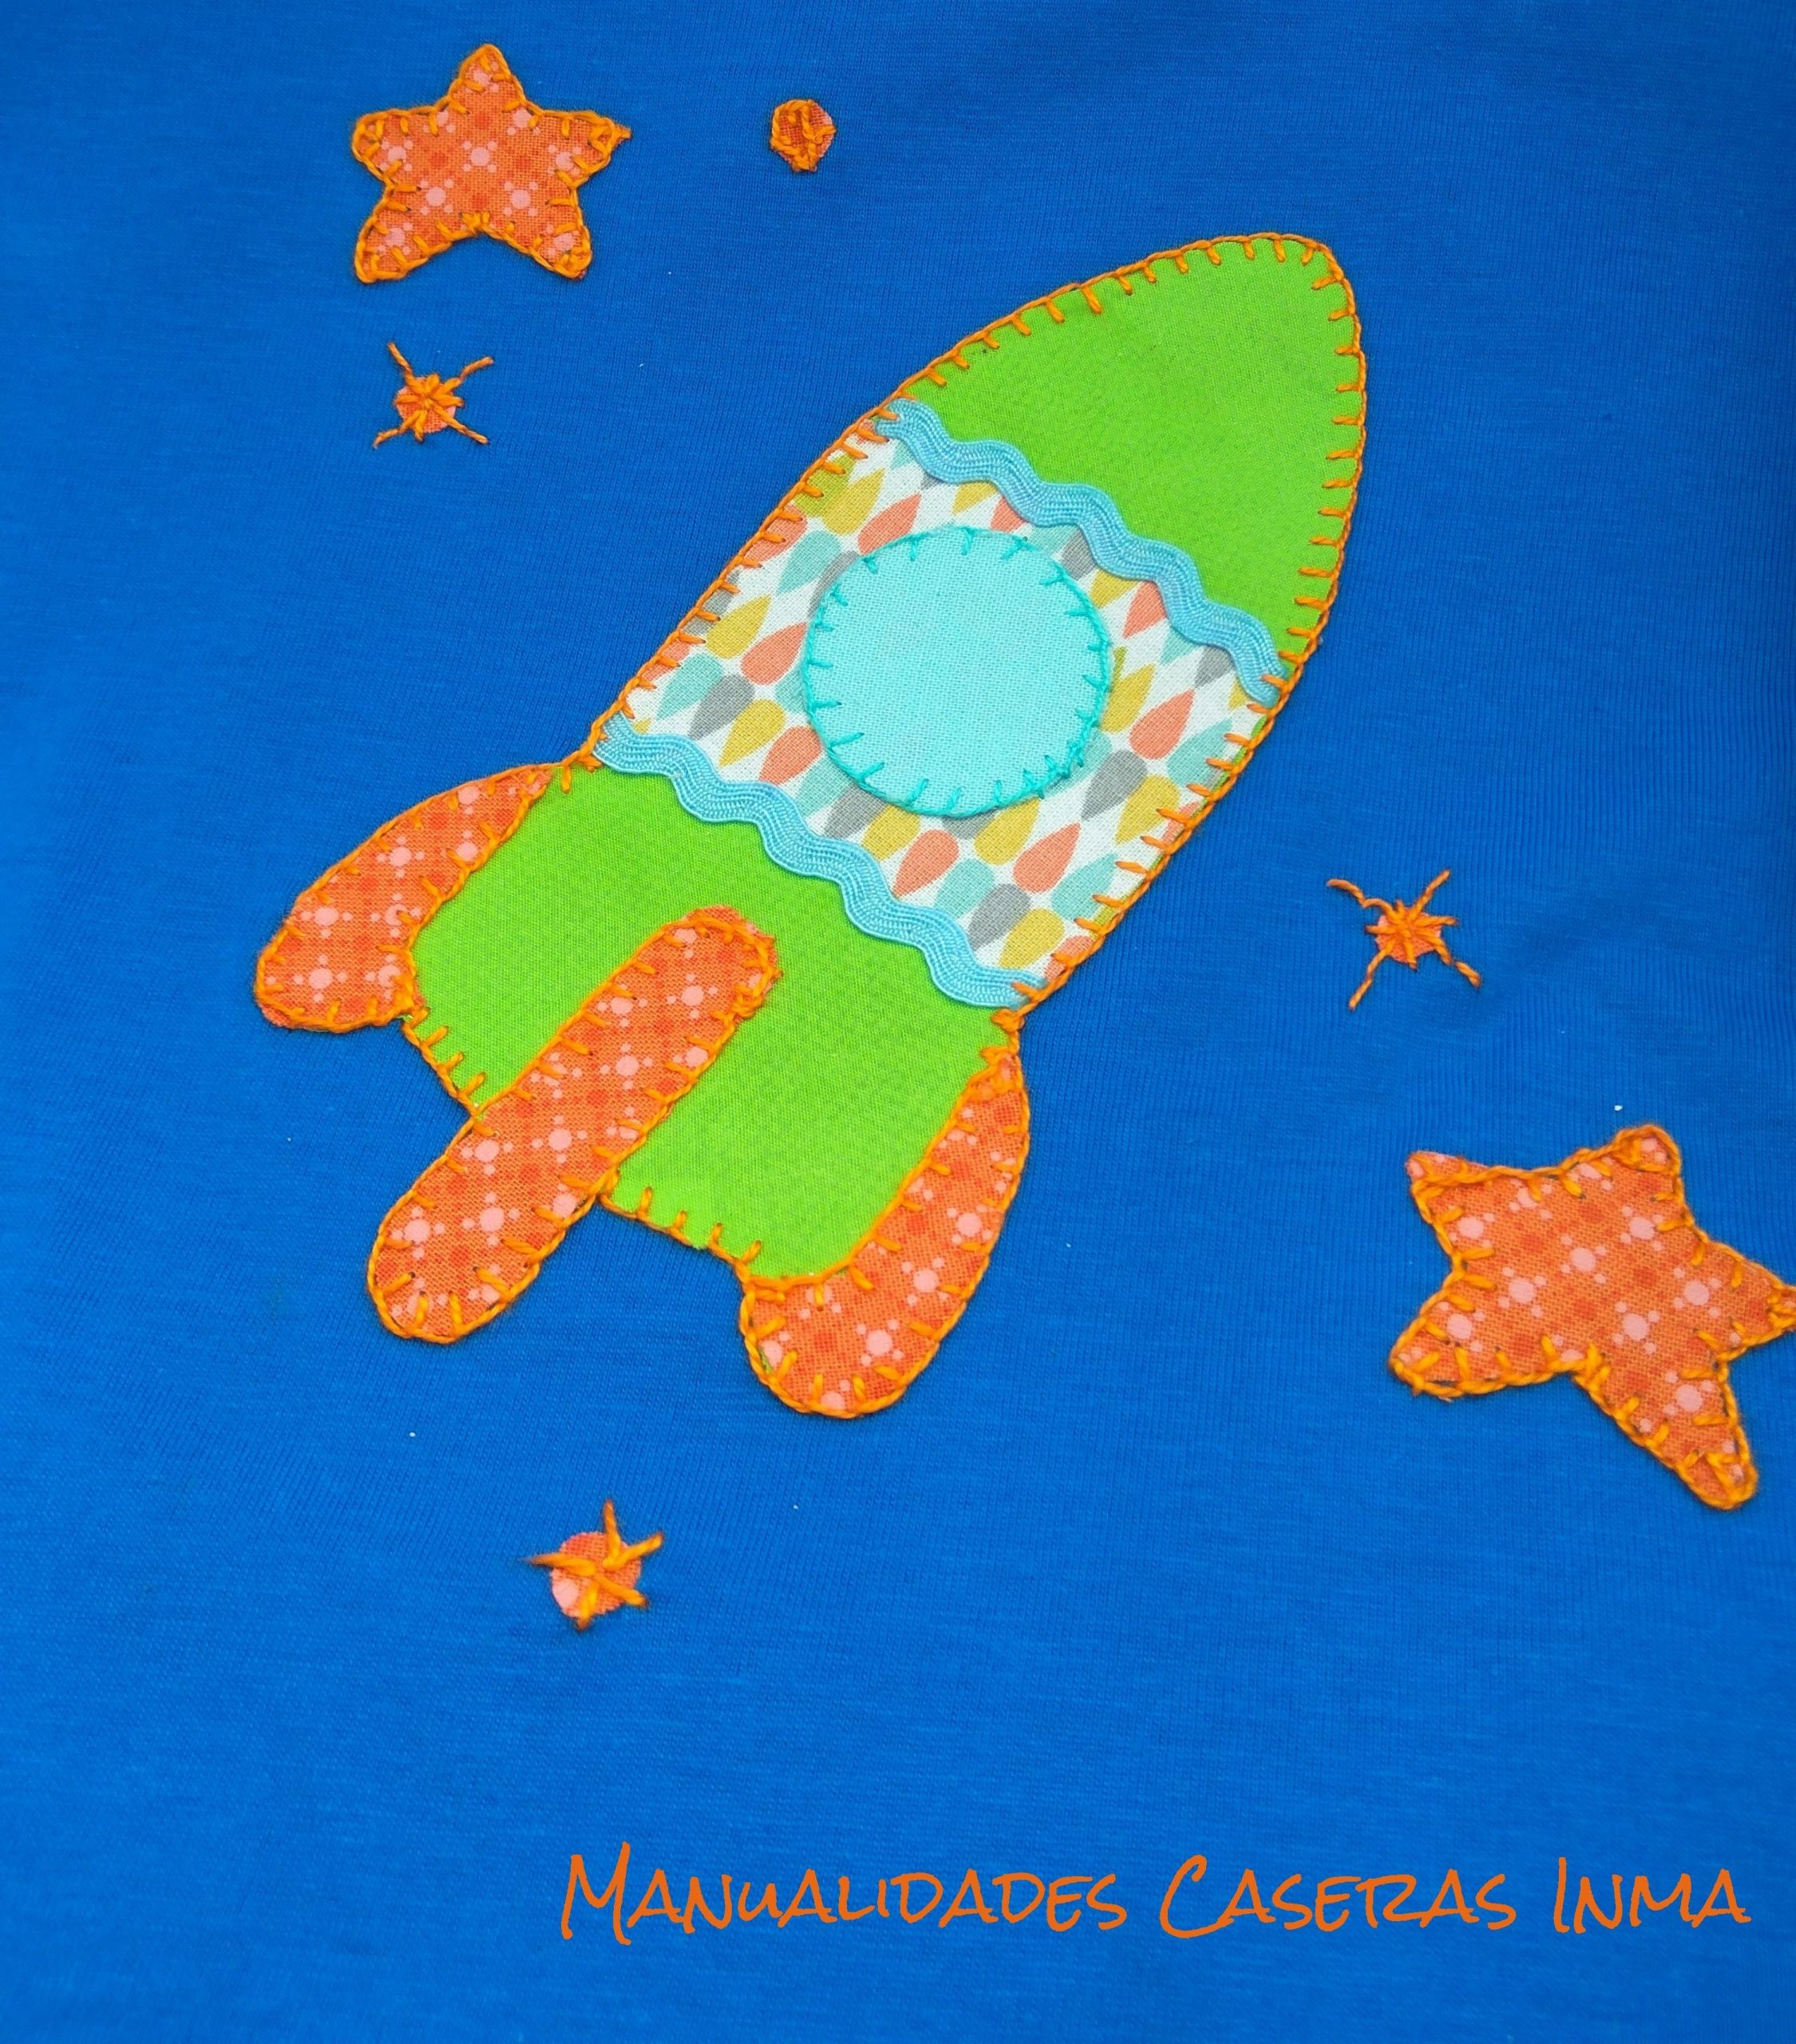 Manualidades Caseras Inma_ Detalle de camiseta cohete de colores